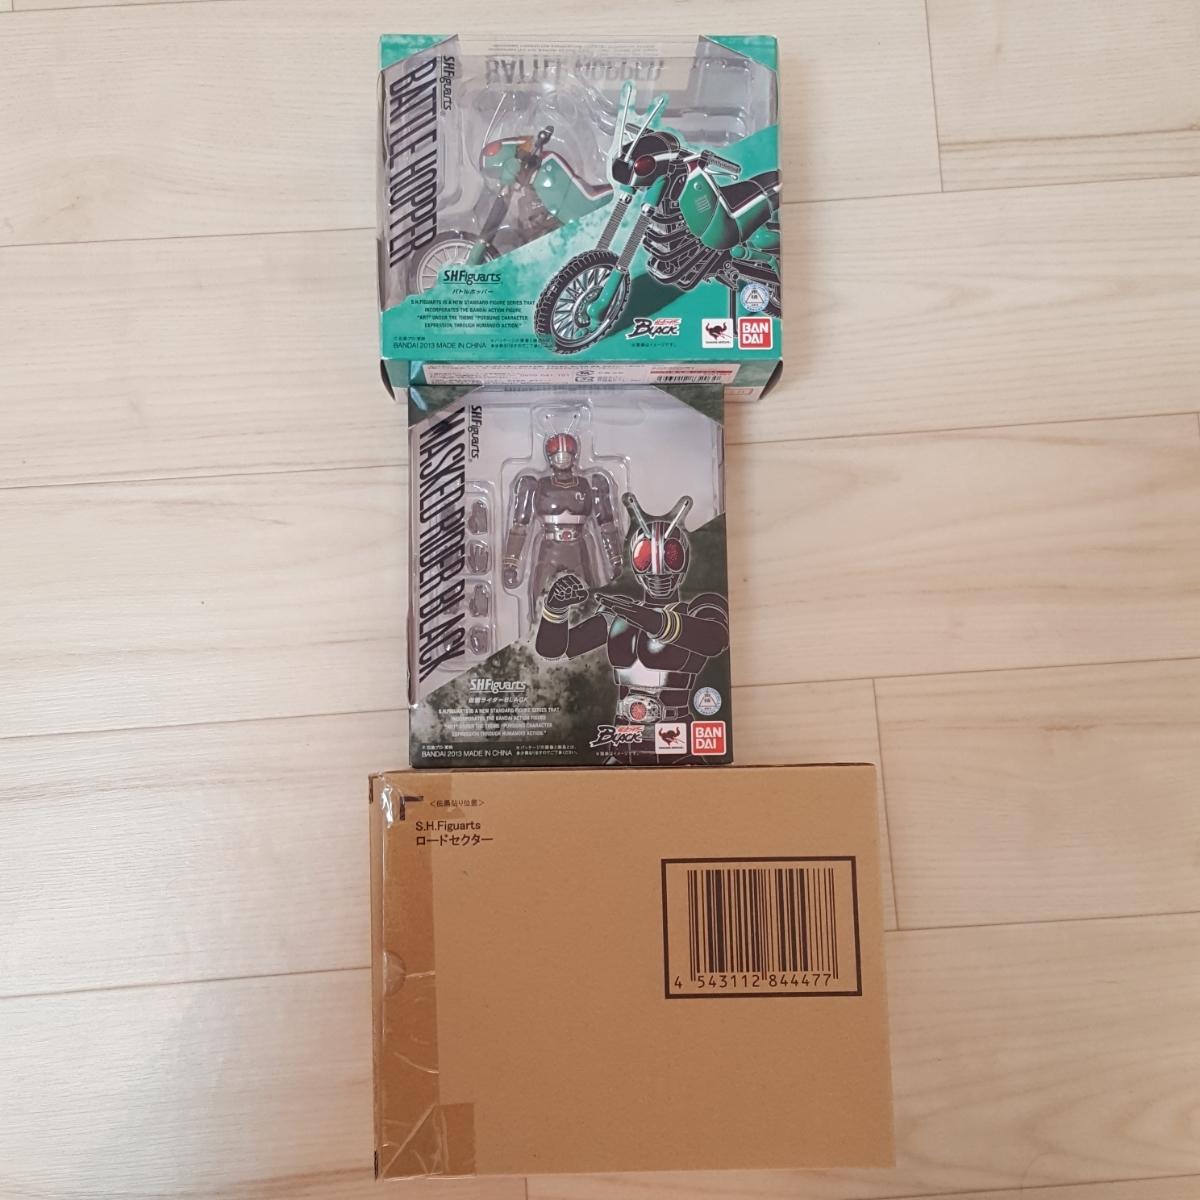 フィギュアーツ 仮面ライダー バトルホッパー ロードセクター ブラック 仮面ライダーBLACK フィギュア